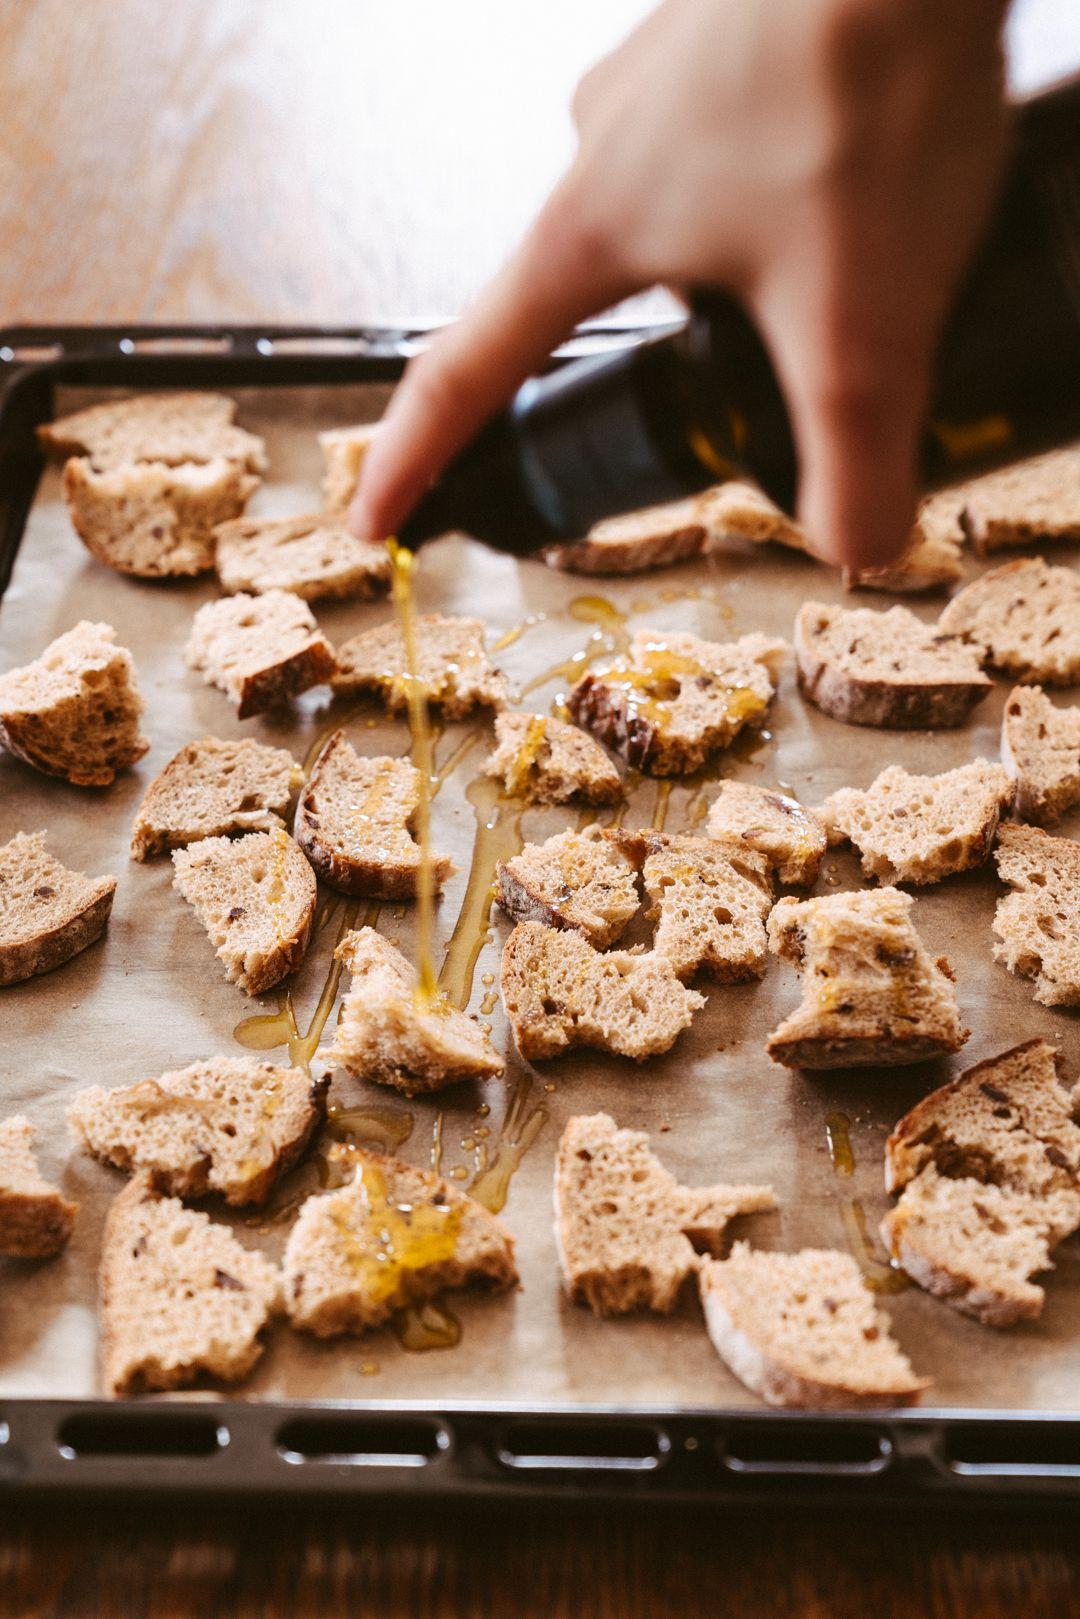 Sudžiūvusios duonos kepimas